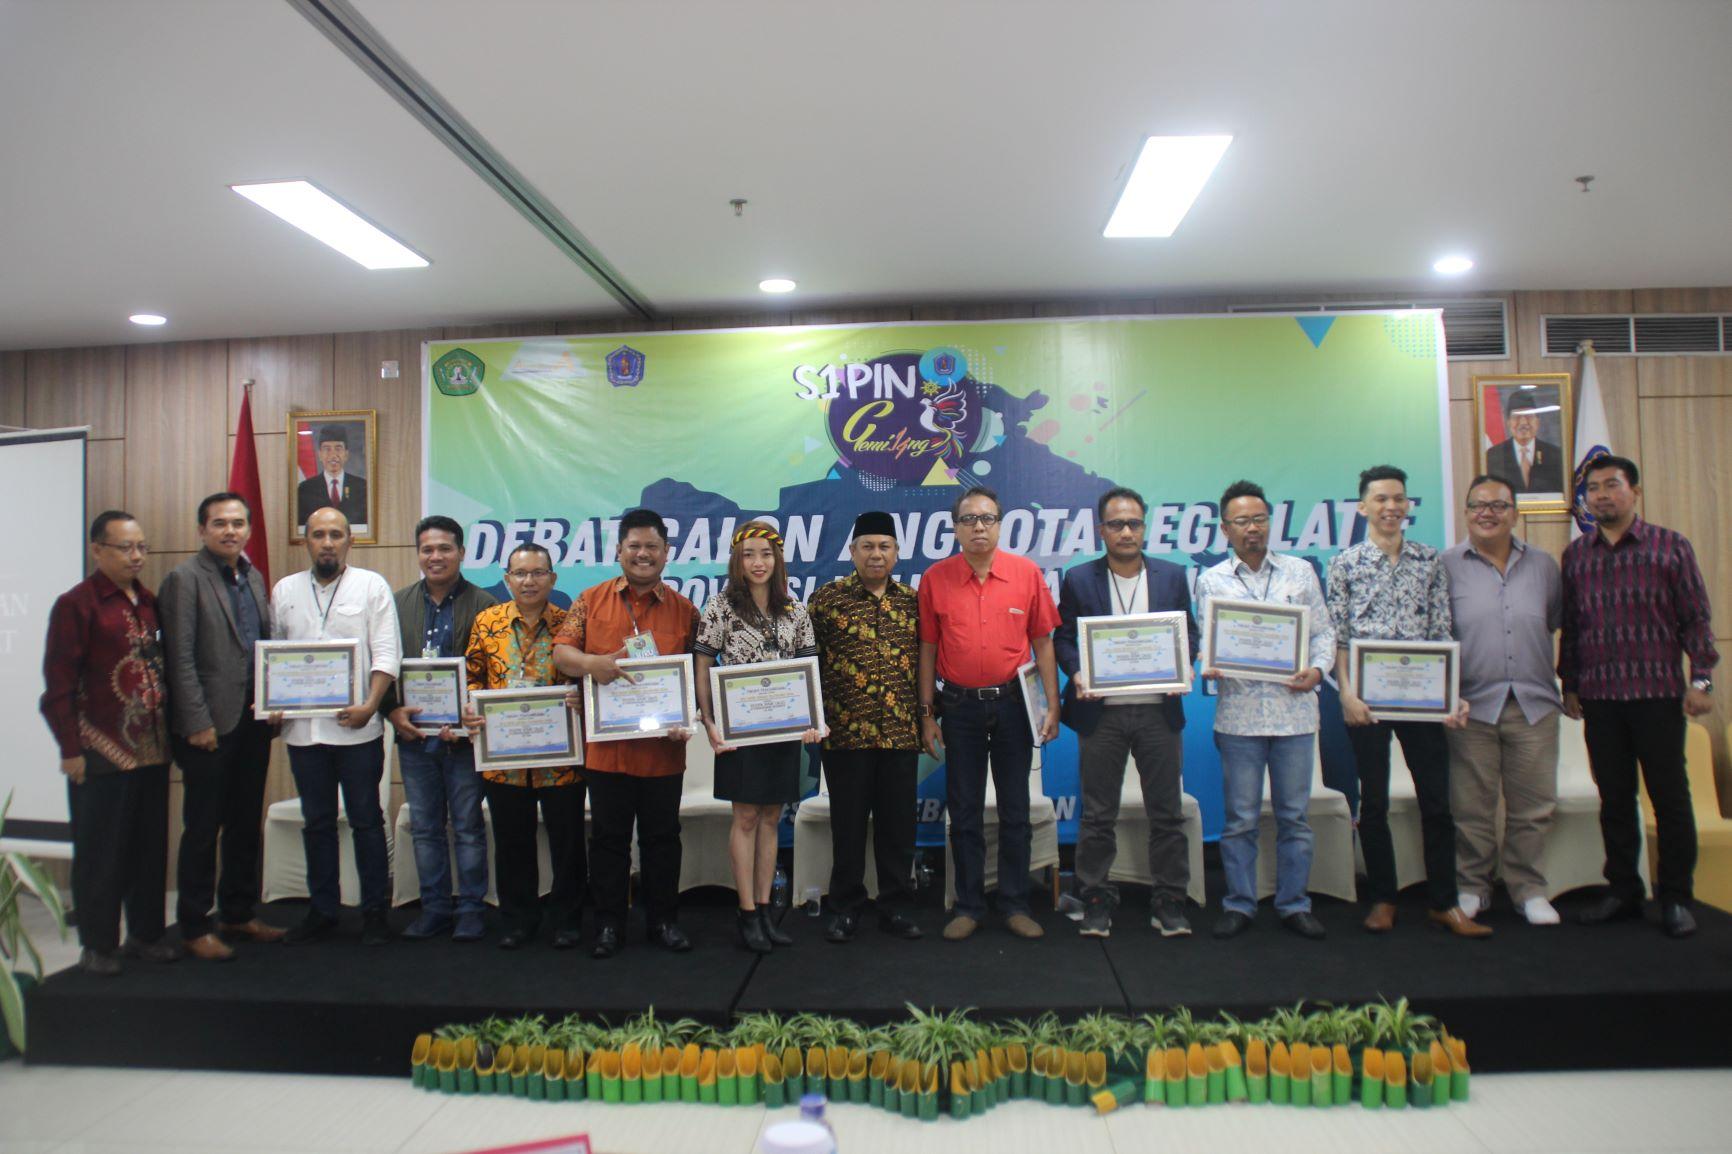 """Mahasiswa S1 Pemerintahan Integratif (S1PIN) Mendapat Apresiasi Oleh Wakil Rektor Universitas Mulawarman """"Kalimantan Yang Akan Datang 2018"""""""